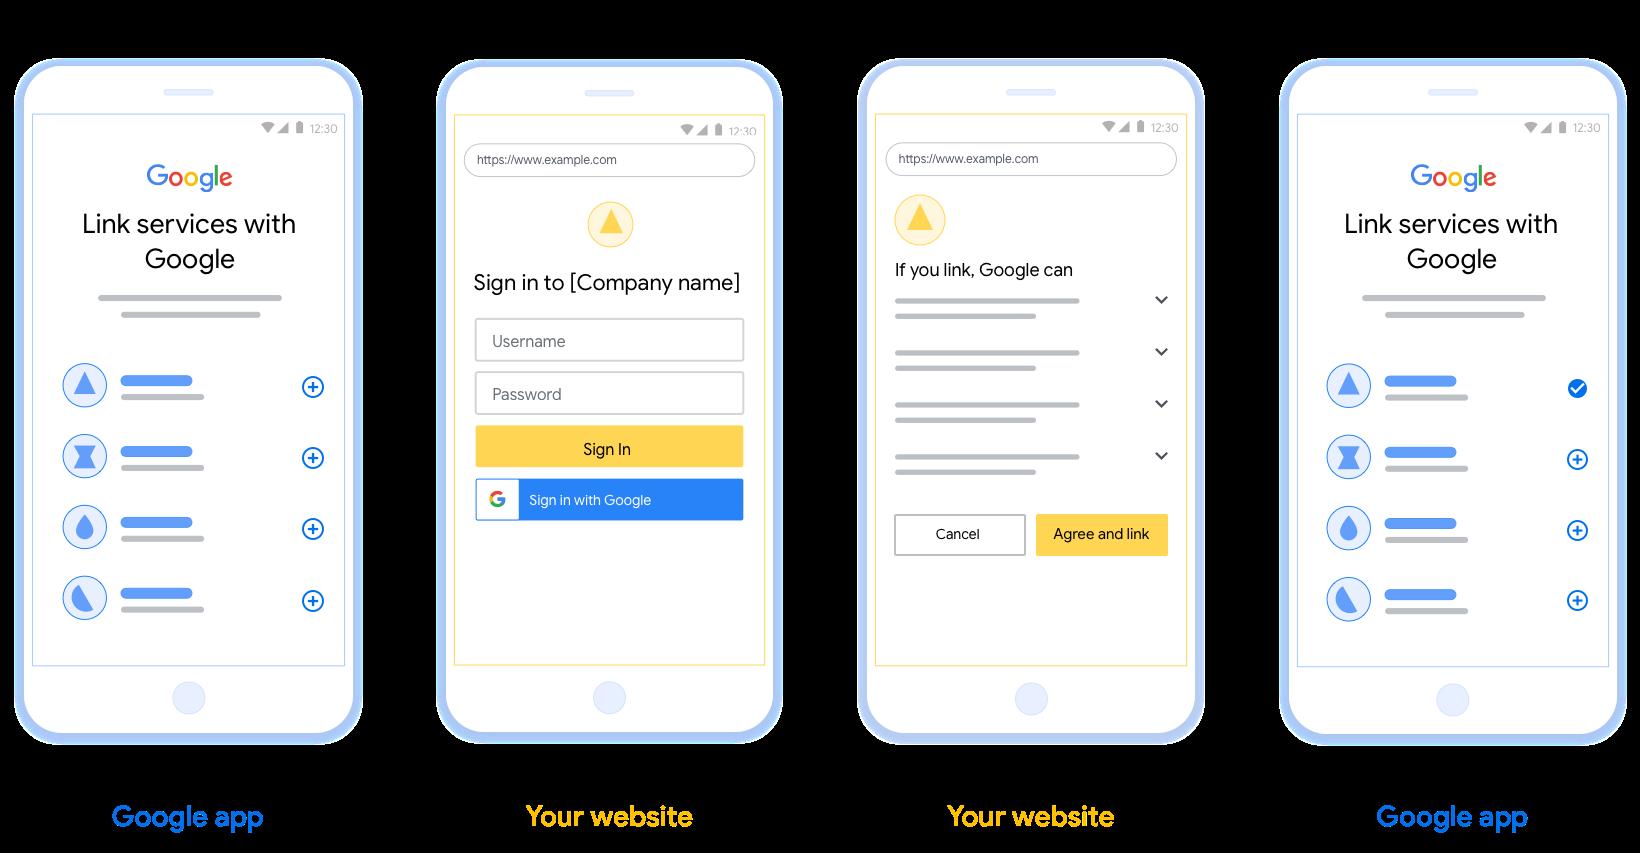 此圖顯示了用戶將其Google帳戶鏈接到您的身份驗證系統的步驟。第一個屏幕截圖顯示了用戶從您的平台啟動的鏈接。第二張圖片顯示用戶登錄Google,第三張圖片顯示用戶同意並確認將其Google帳戶與您的應用程序關聯。最終的屏幕截圖顯示了Google應用程序中已成功鏈接的用戶帳戶。